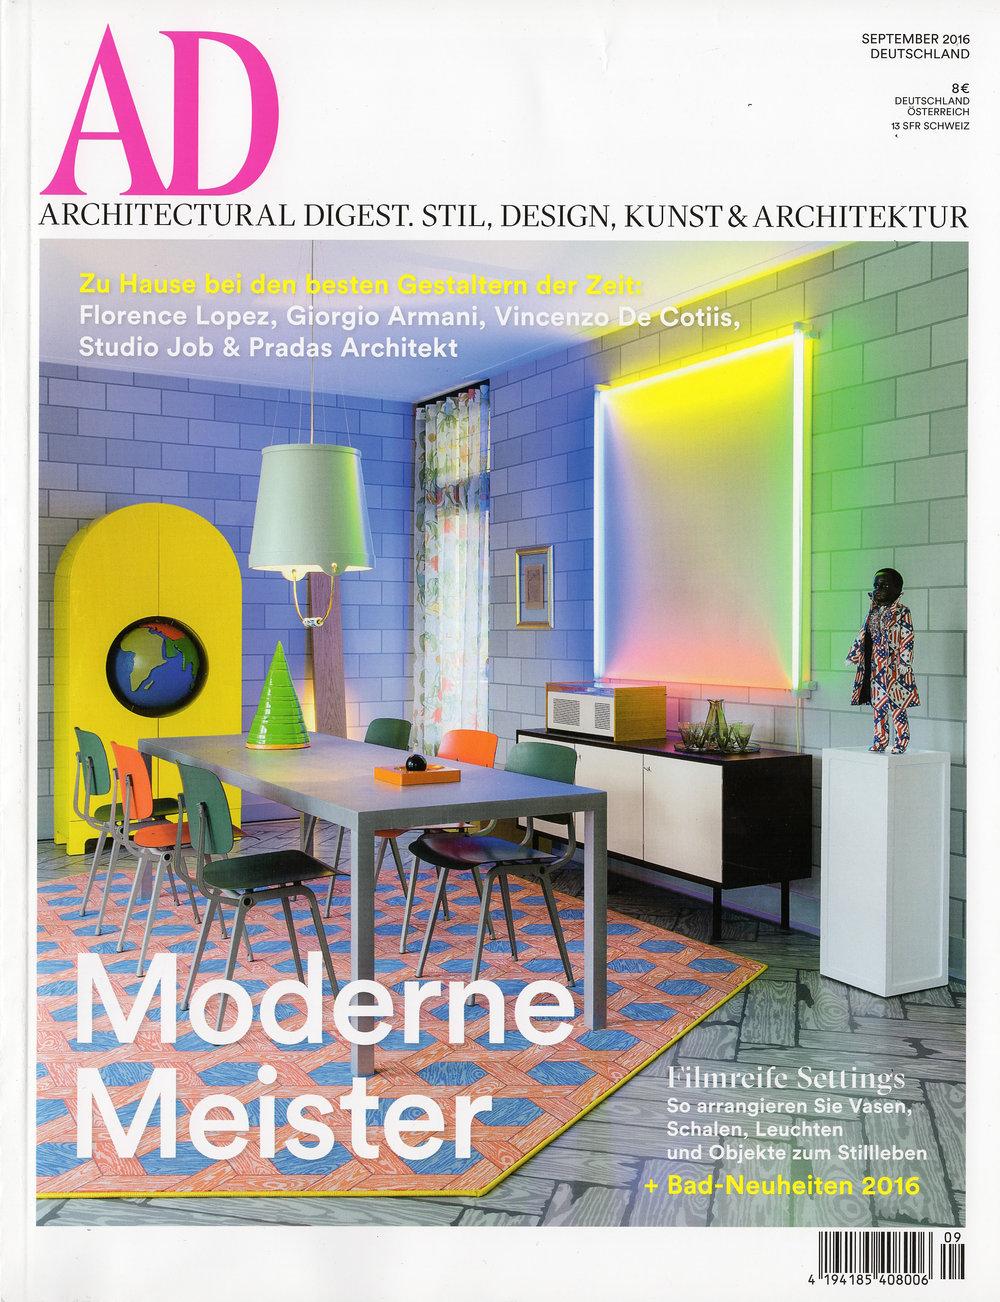 goCstudio_AD Cover.JPG